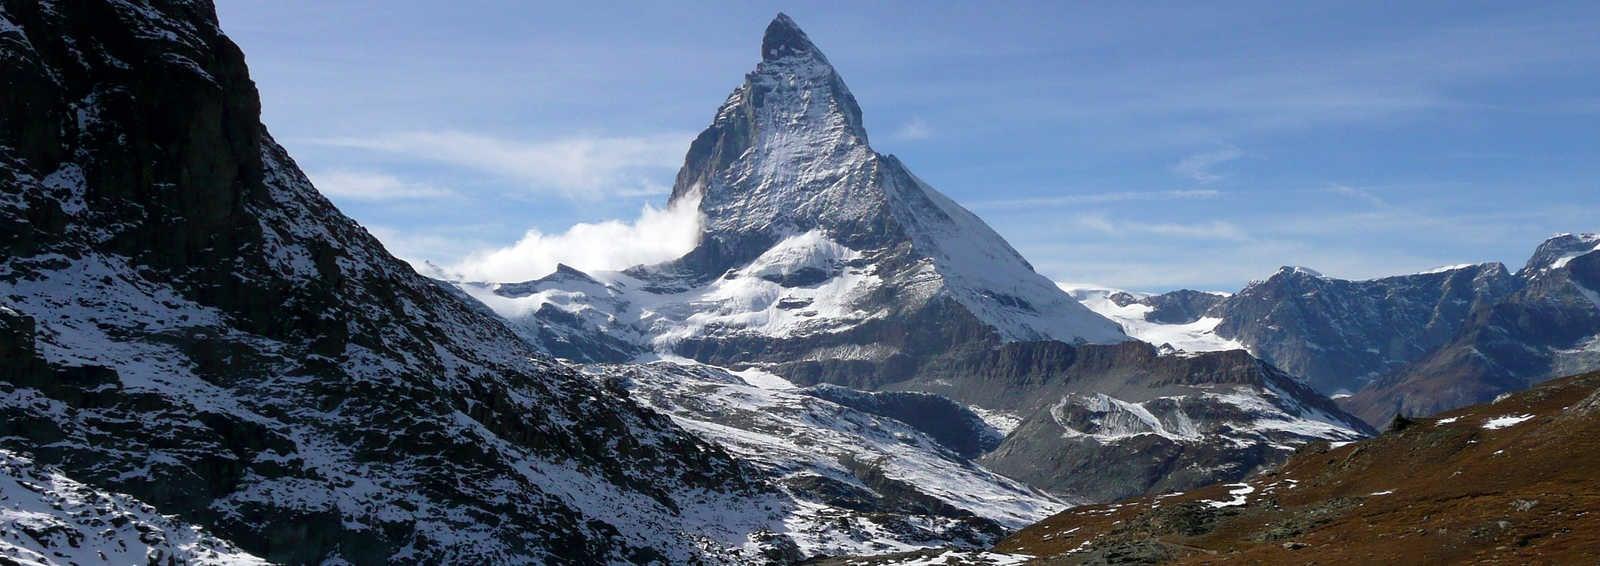 View of the Matterhorn, Switzerland